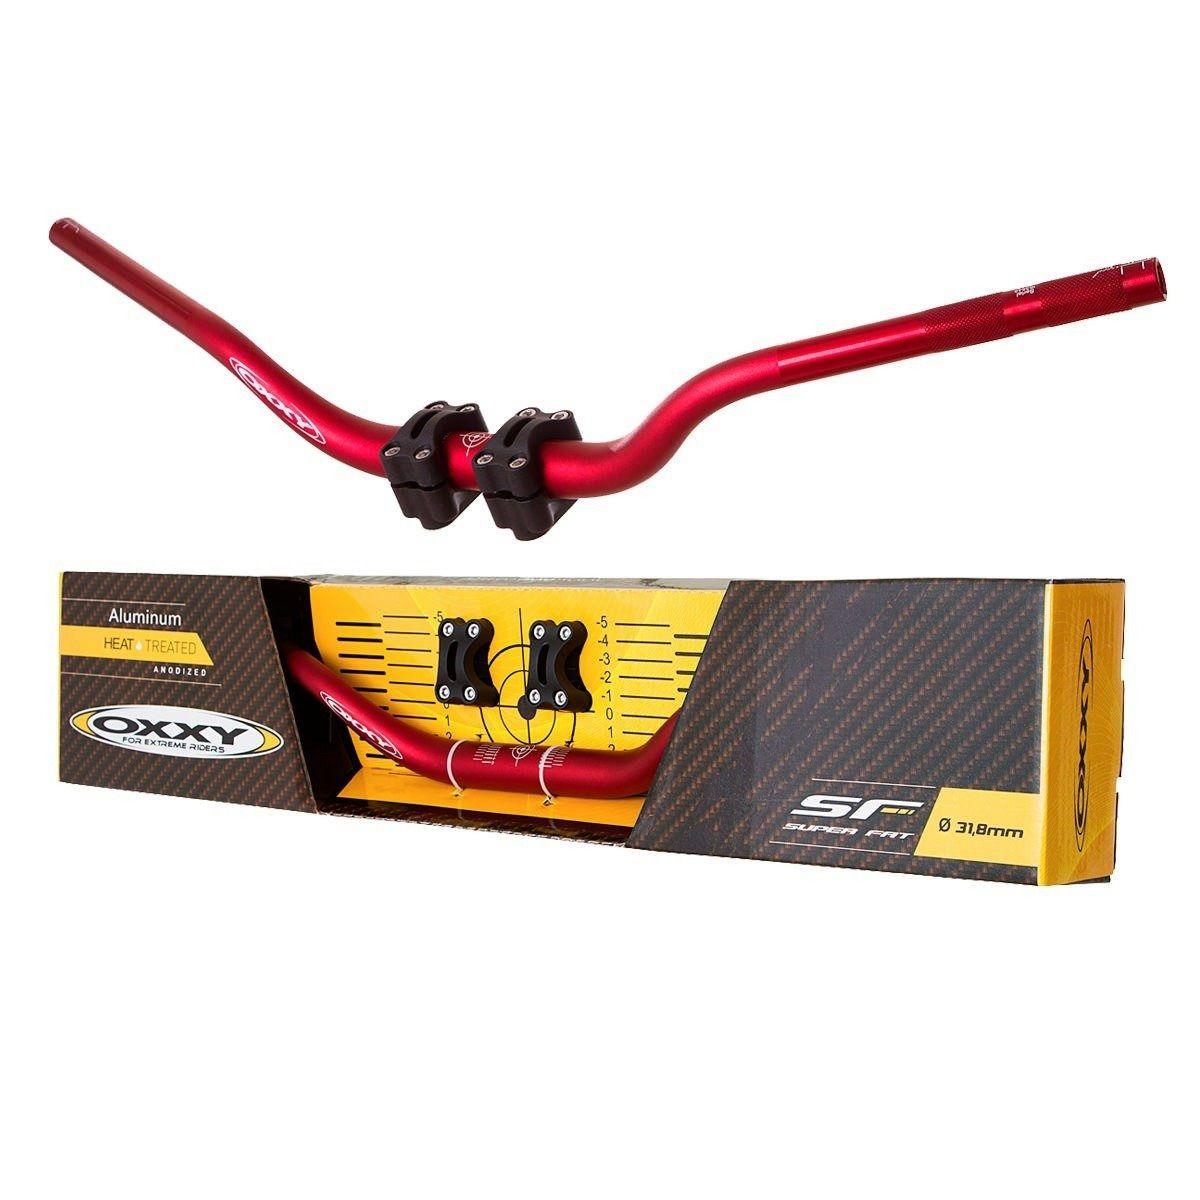 Guidão + Adaptador Oxxy Super Fat Bar - Vermelho Alto